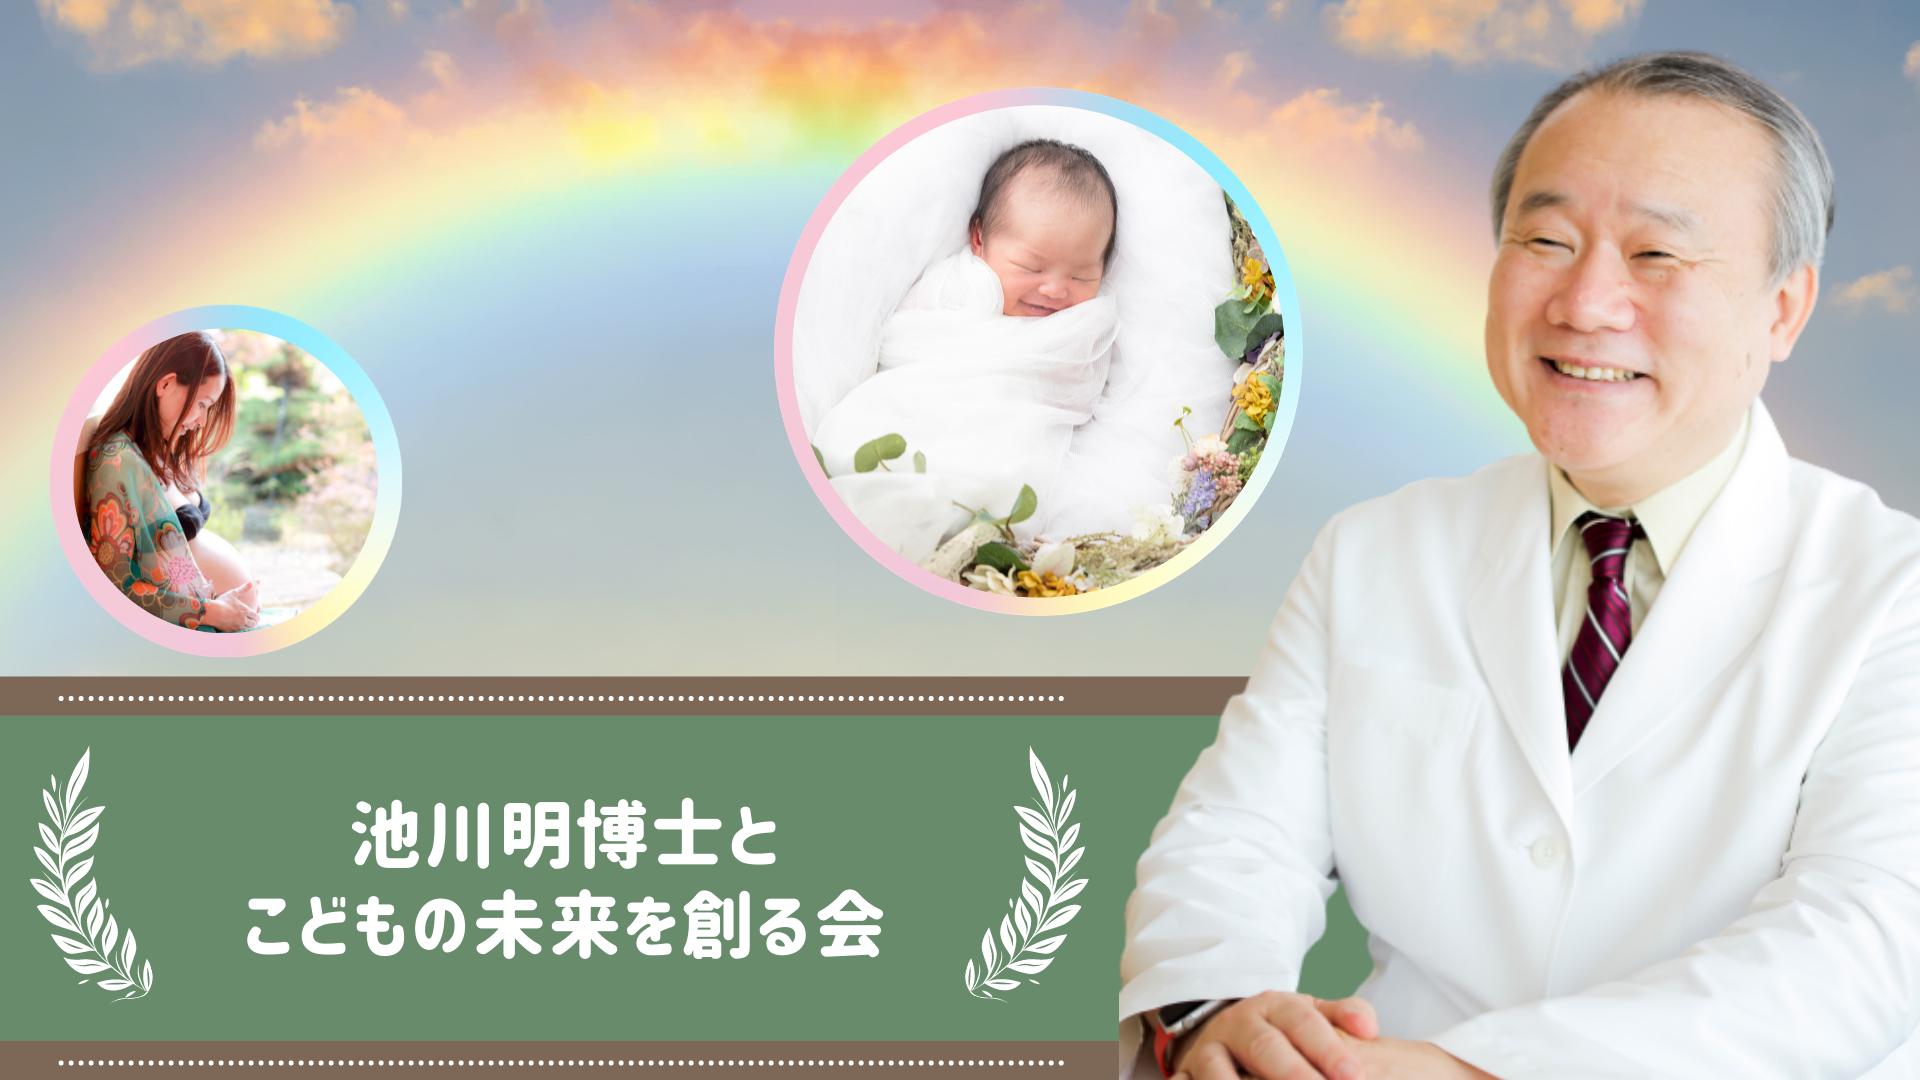 池川明博士とこどもの未来を創る会